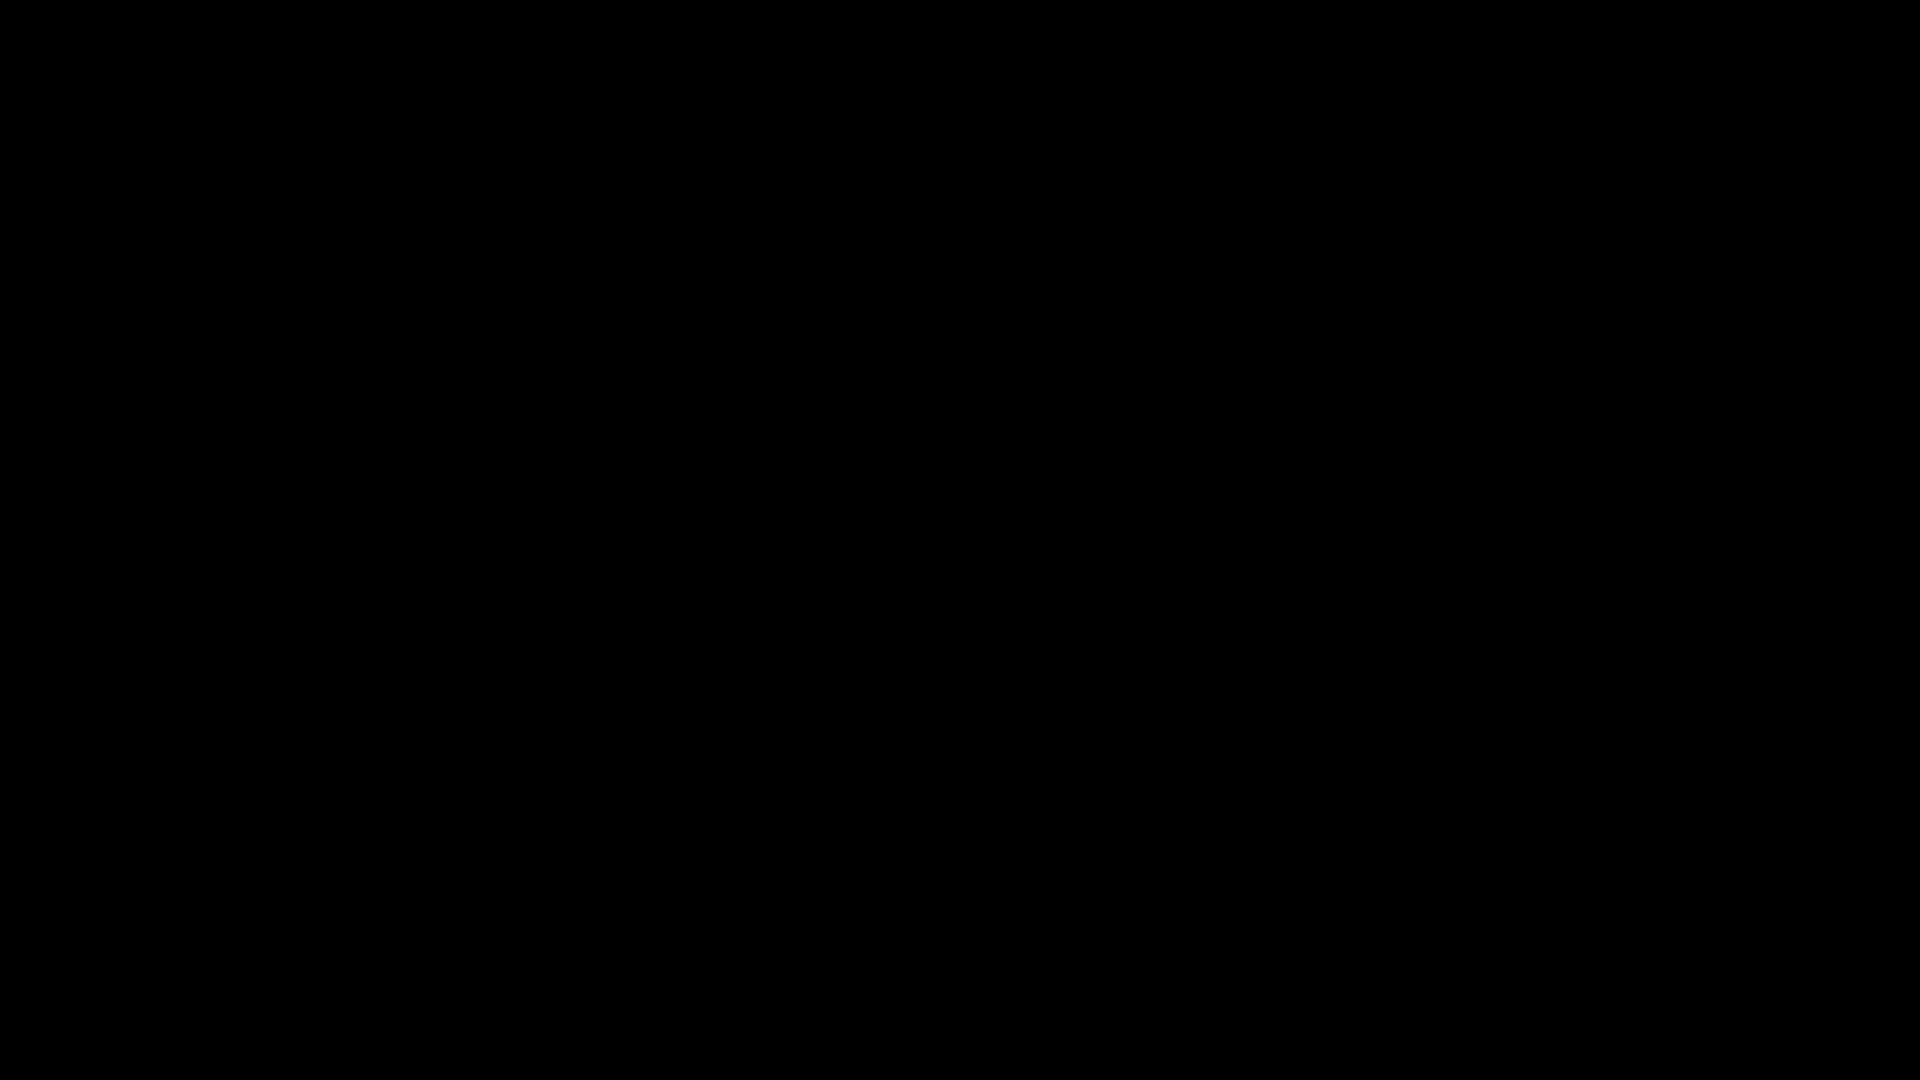 2003, alizee, alizée, bonita, isla, la, la isla bonita, madonna, team alizee, Alizée - La Isla Bonita GIFs